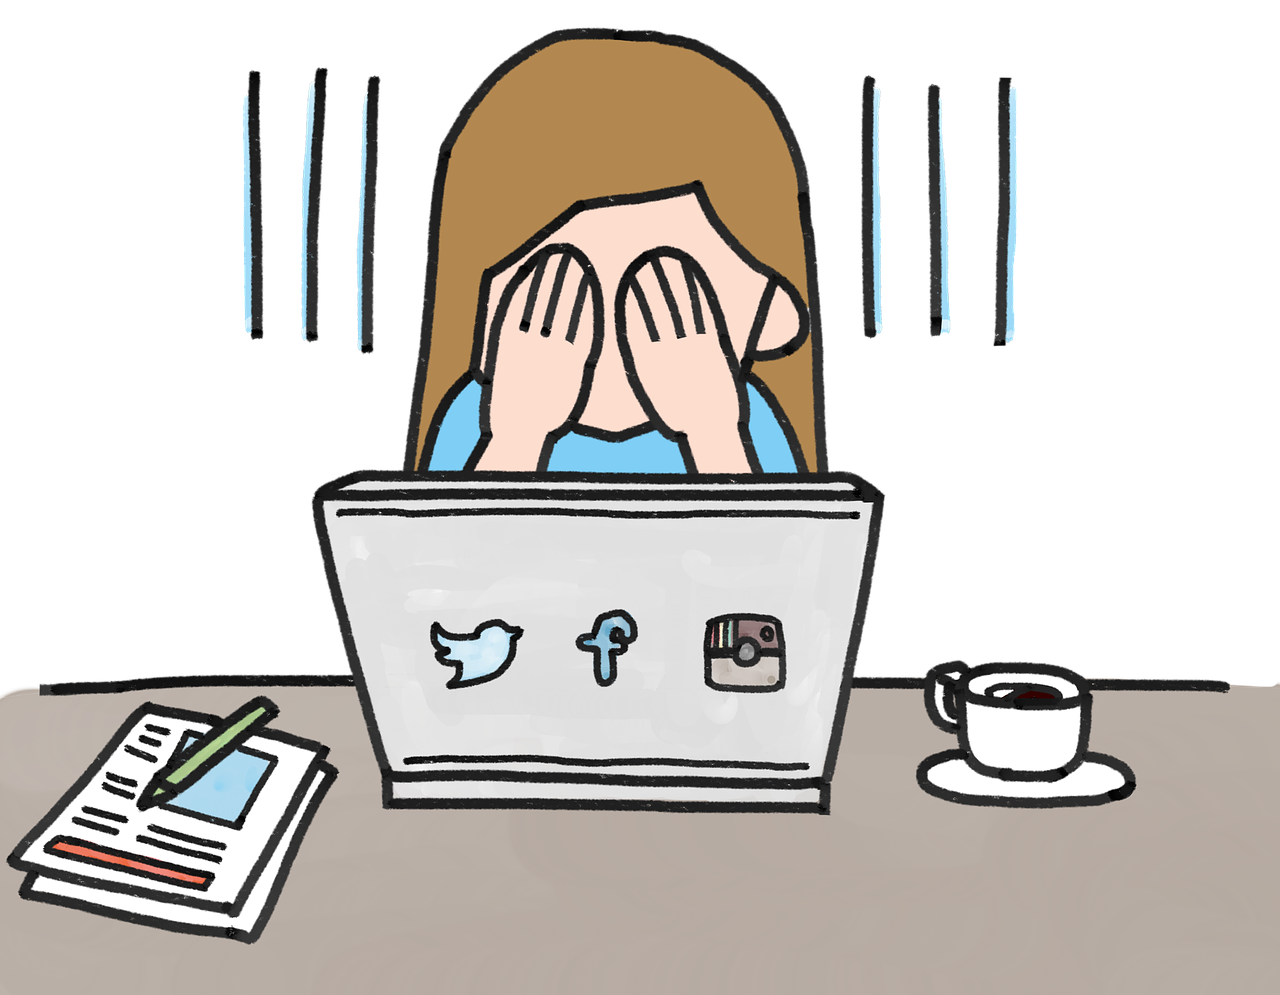 jak tlumaczyc wiadmosci z fb, tlumaczenie wiadomosci z facebooka, tlumaczenie wiadomosci z fb